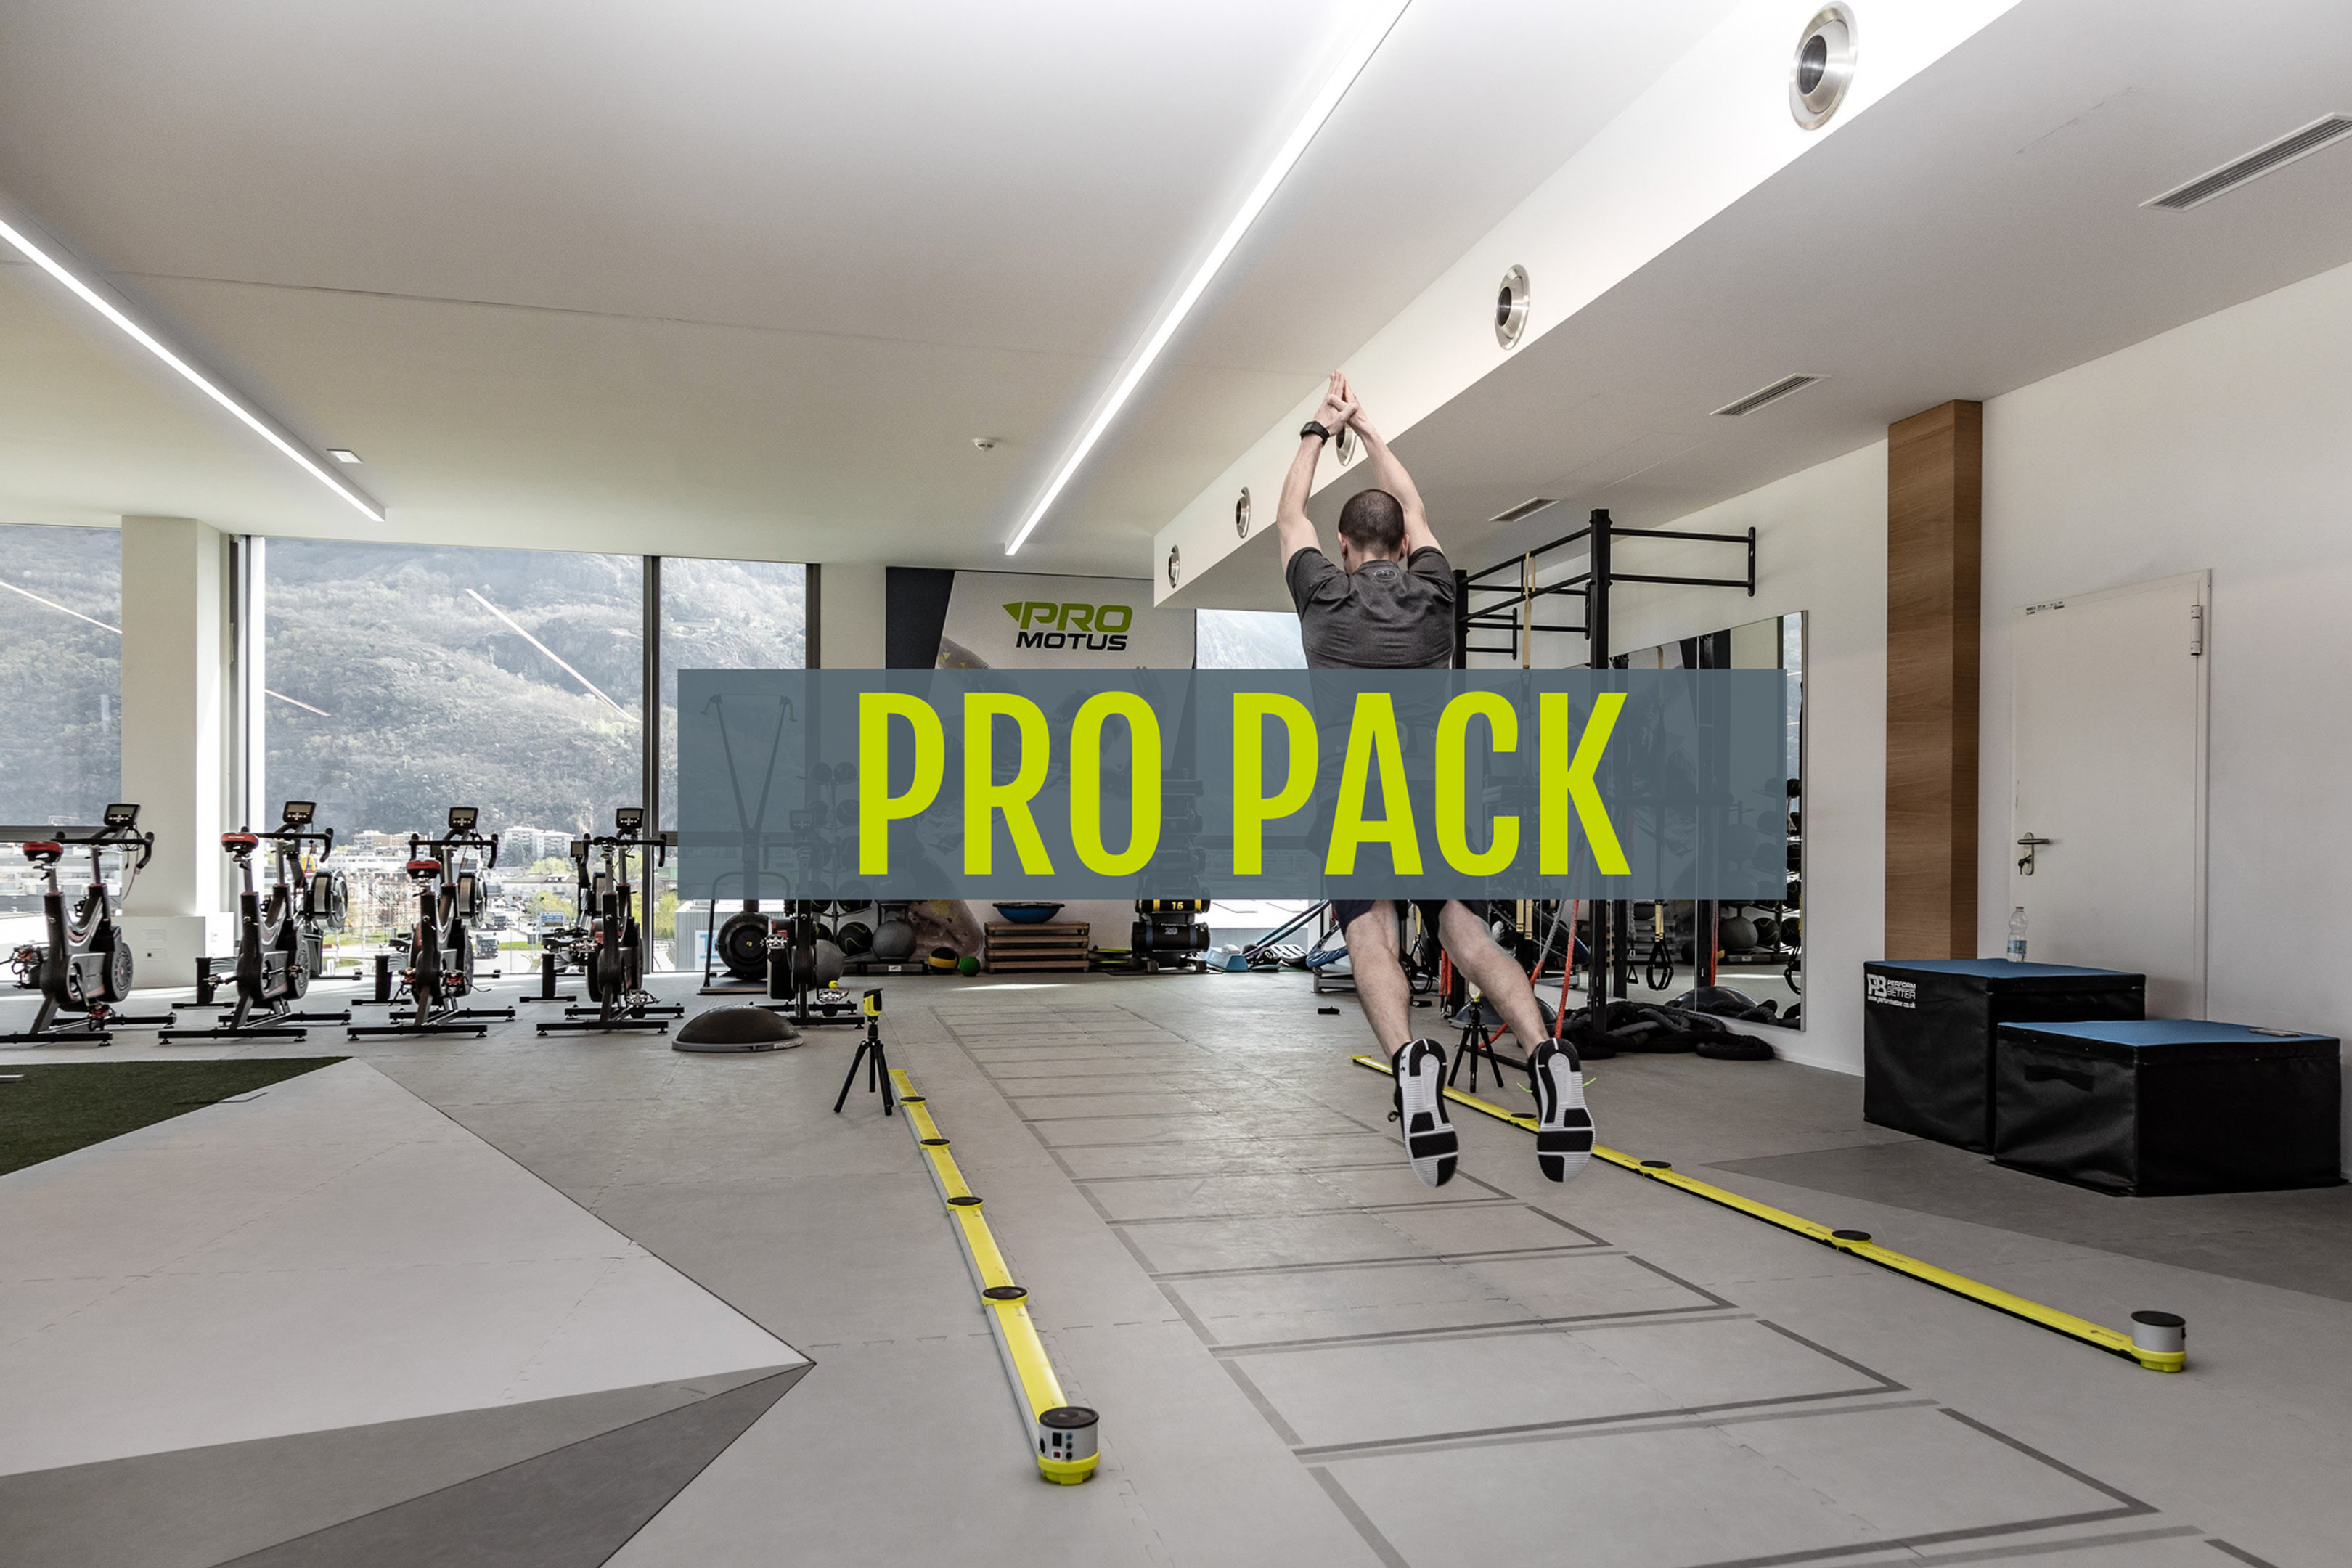 Ski - Pro Pack